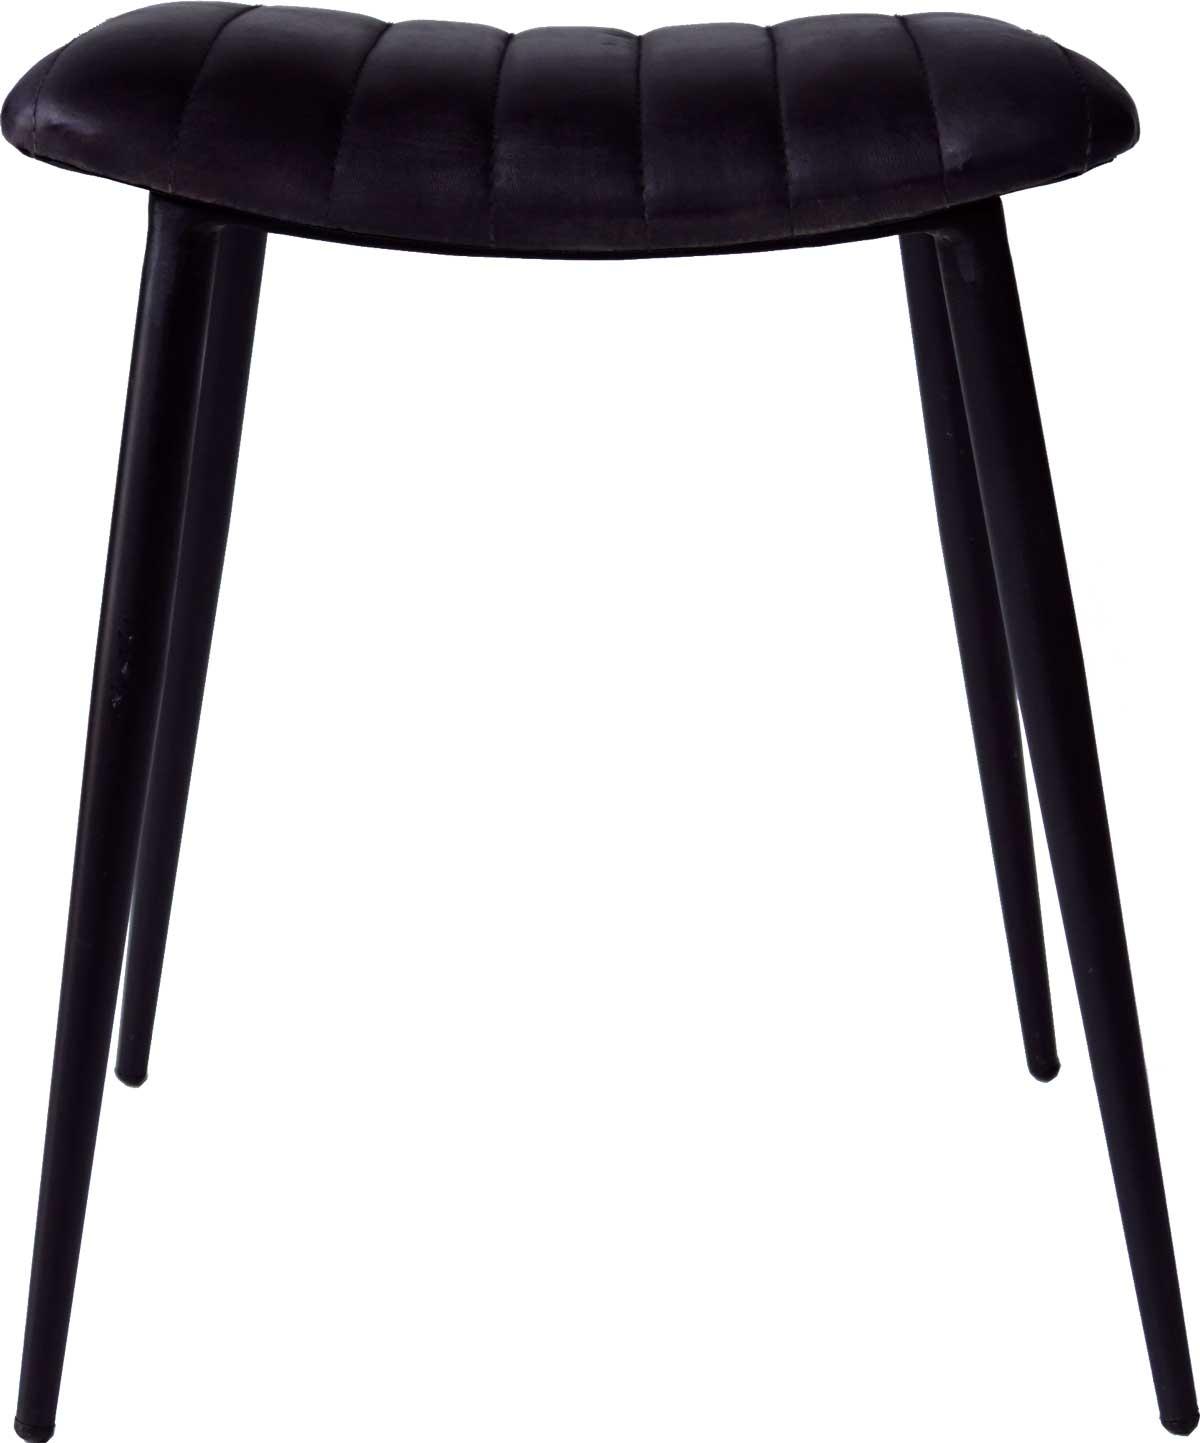 Image of   Trademark Living Fin klassisk skammel med jernstel og lædersæde